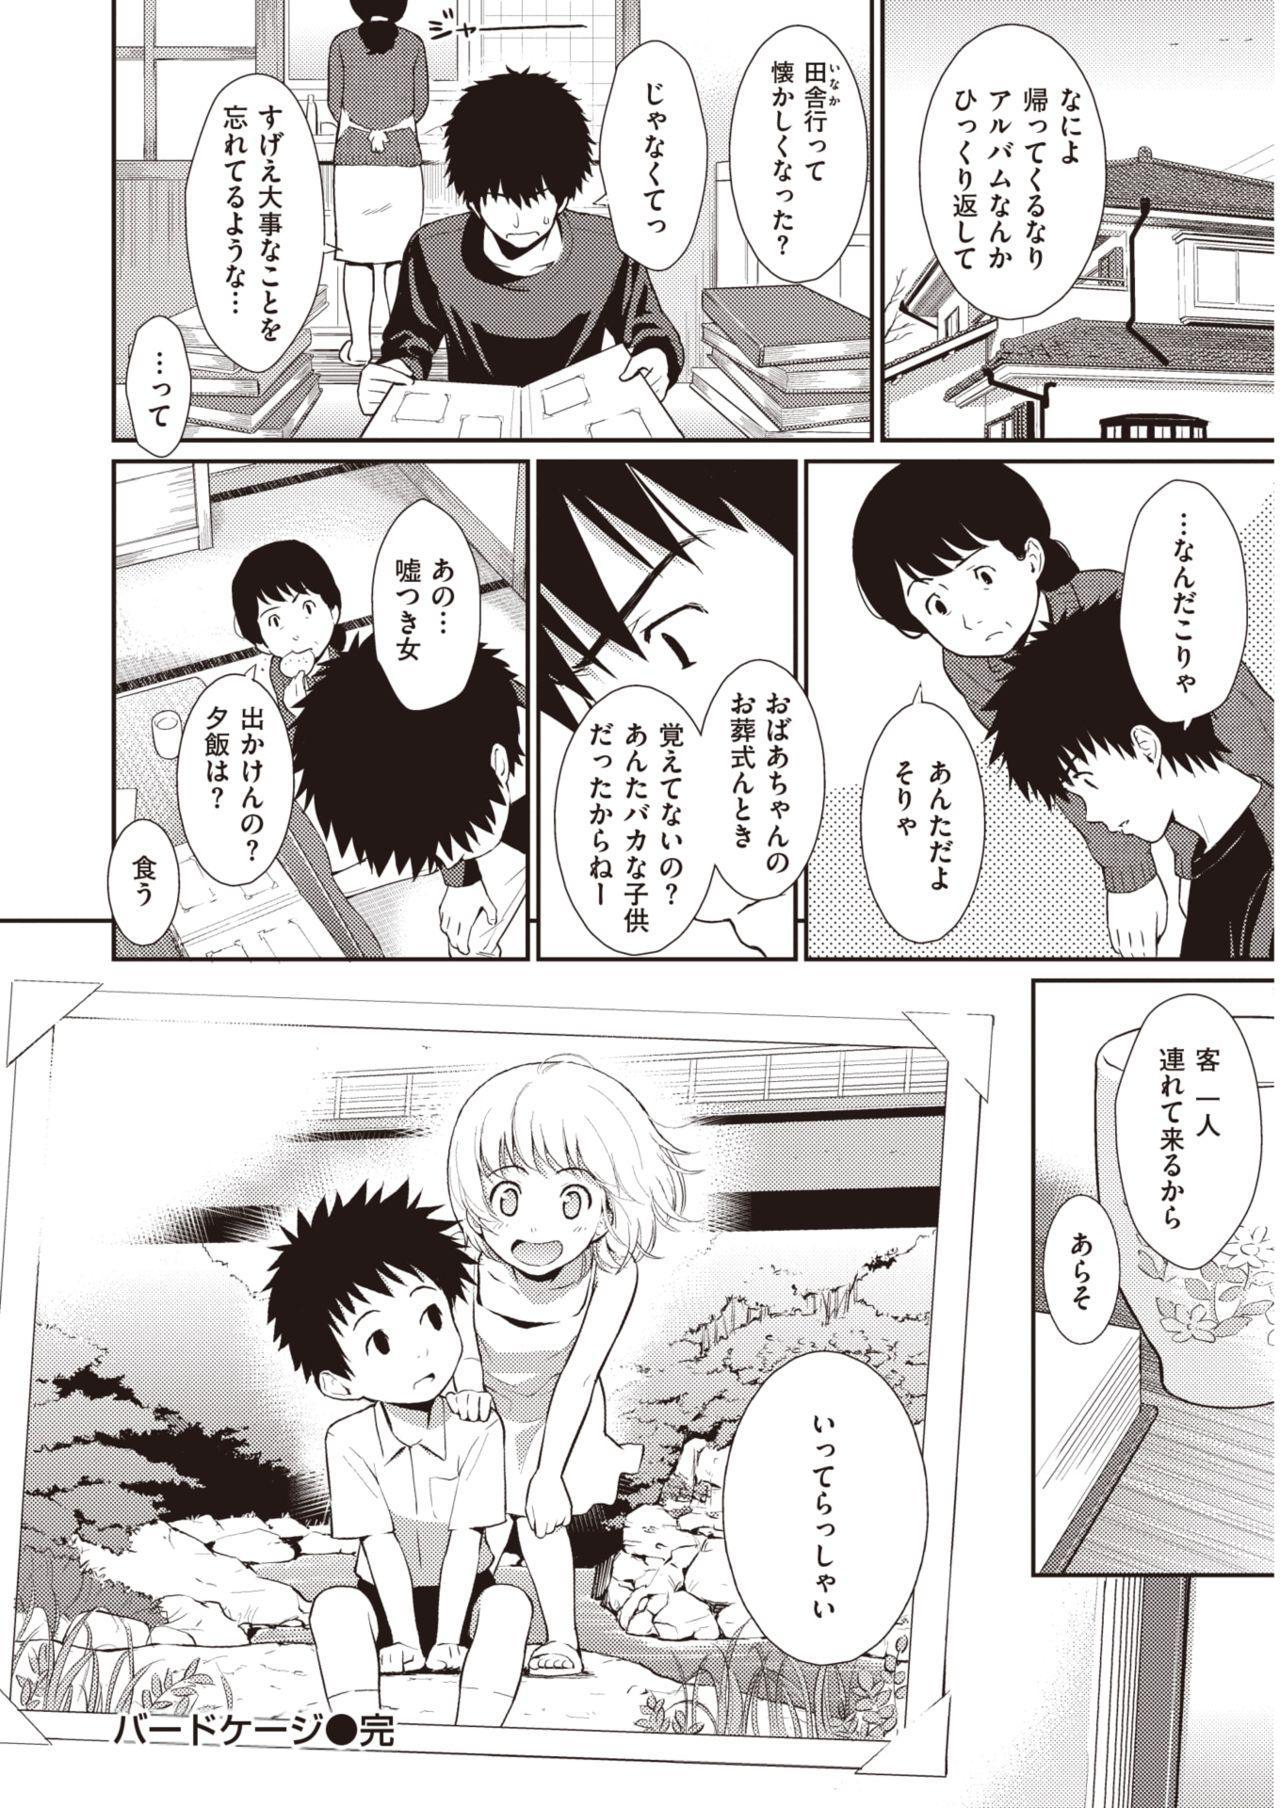 COMIC Kairakuten 25 Shuunen kinen tokubetsugou 272